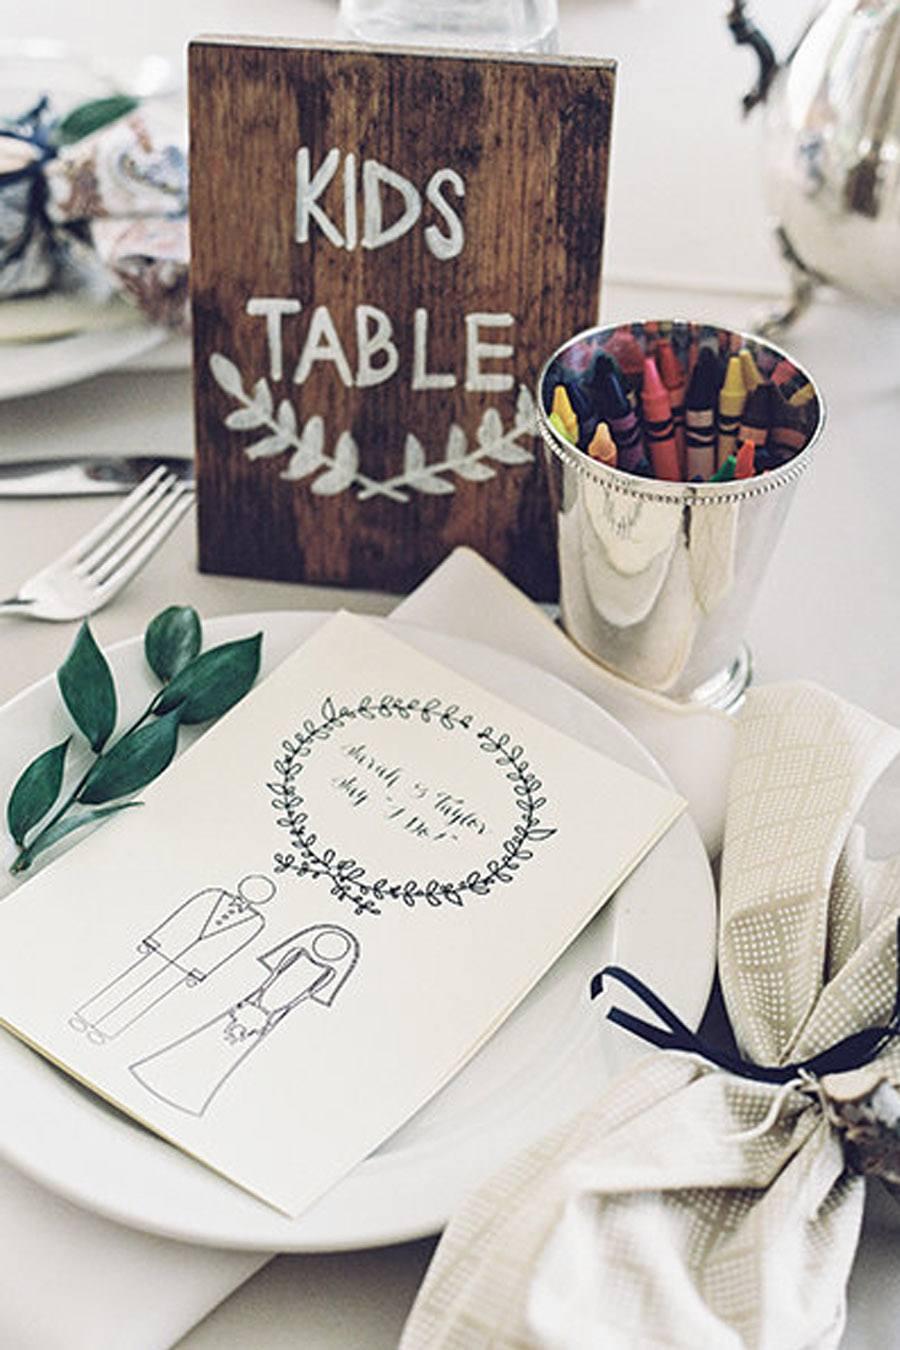 IDEAS PARA DECORAR LA MESA DE LOS NIÑOS bodas-mesa-niños